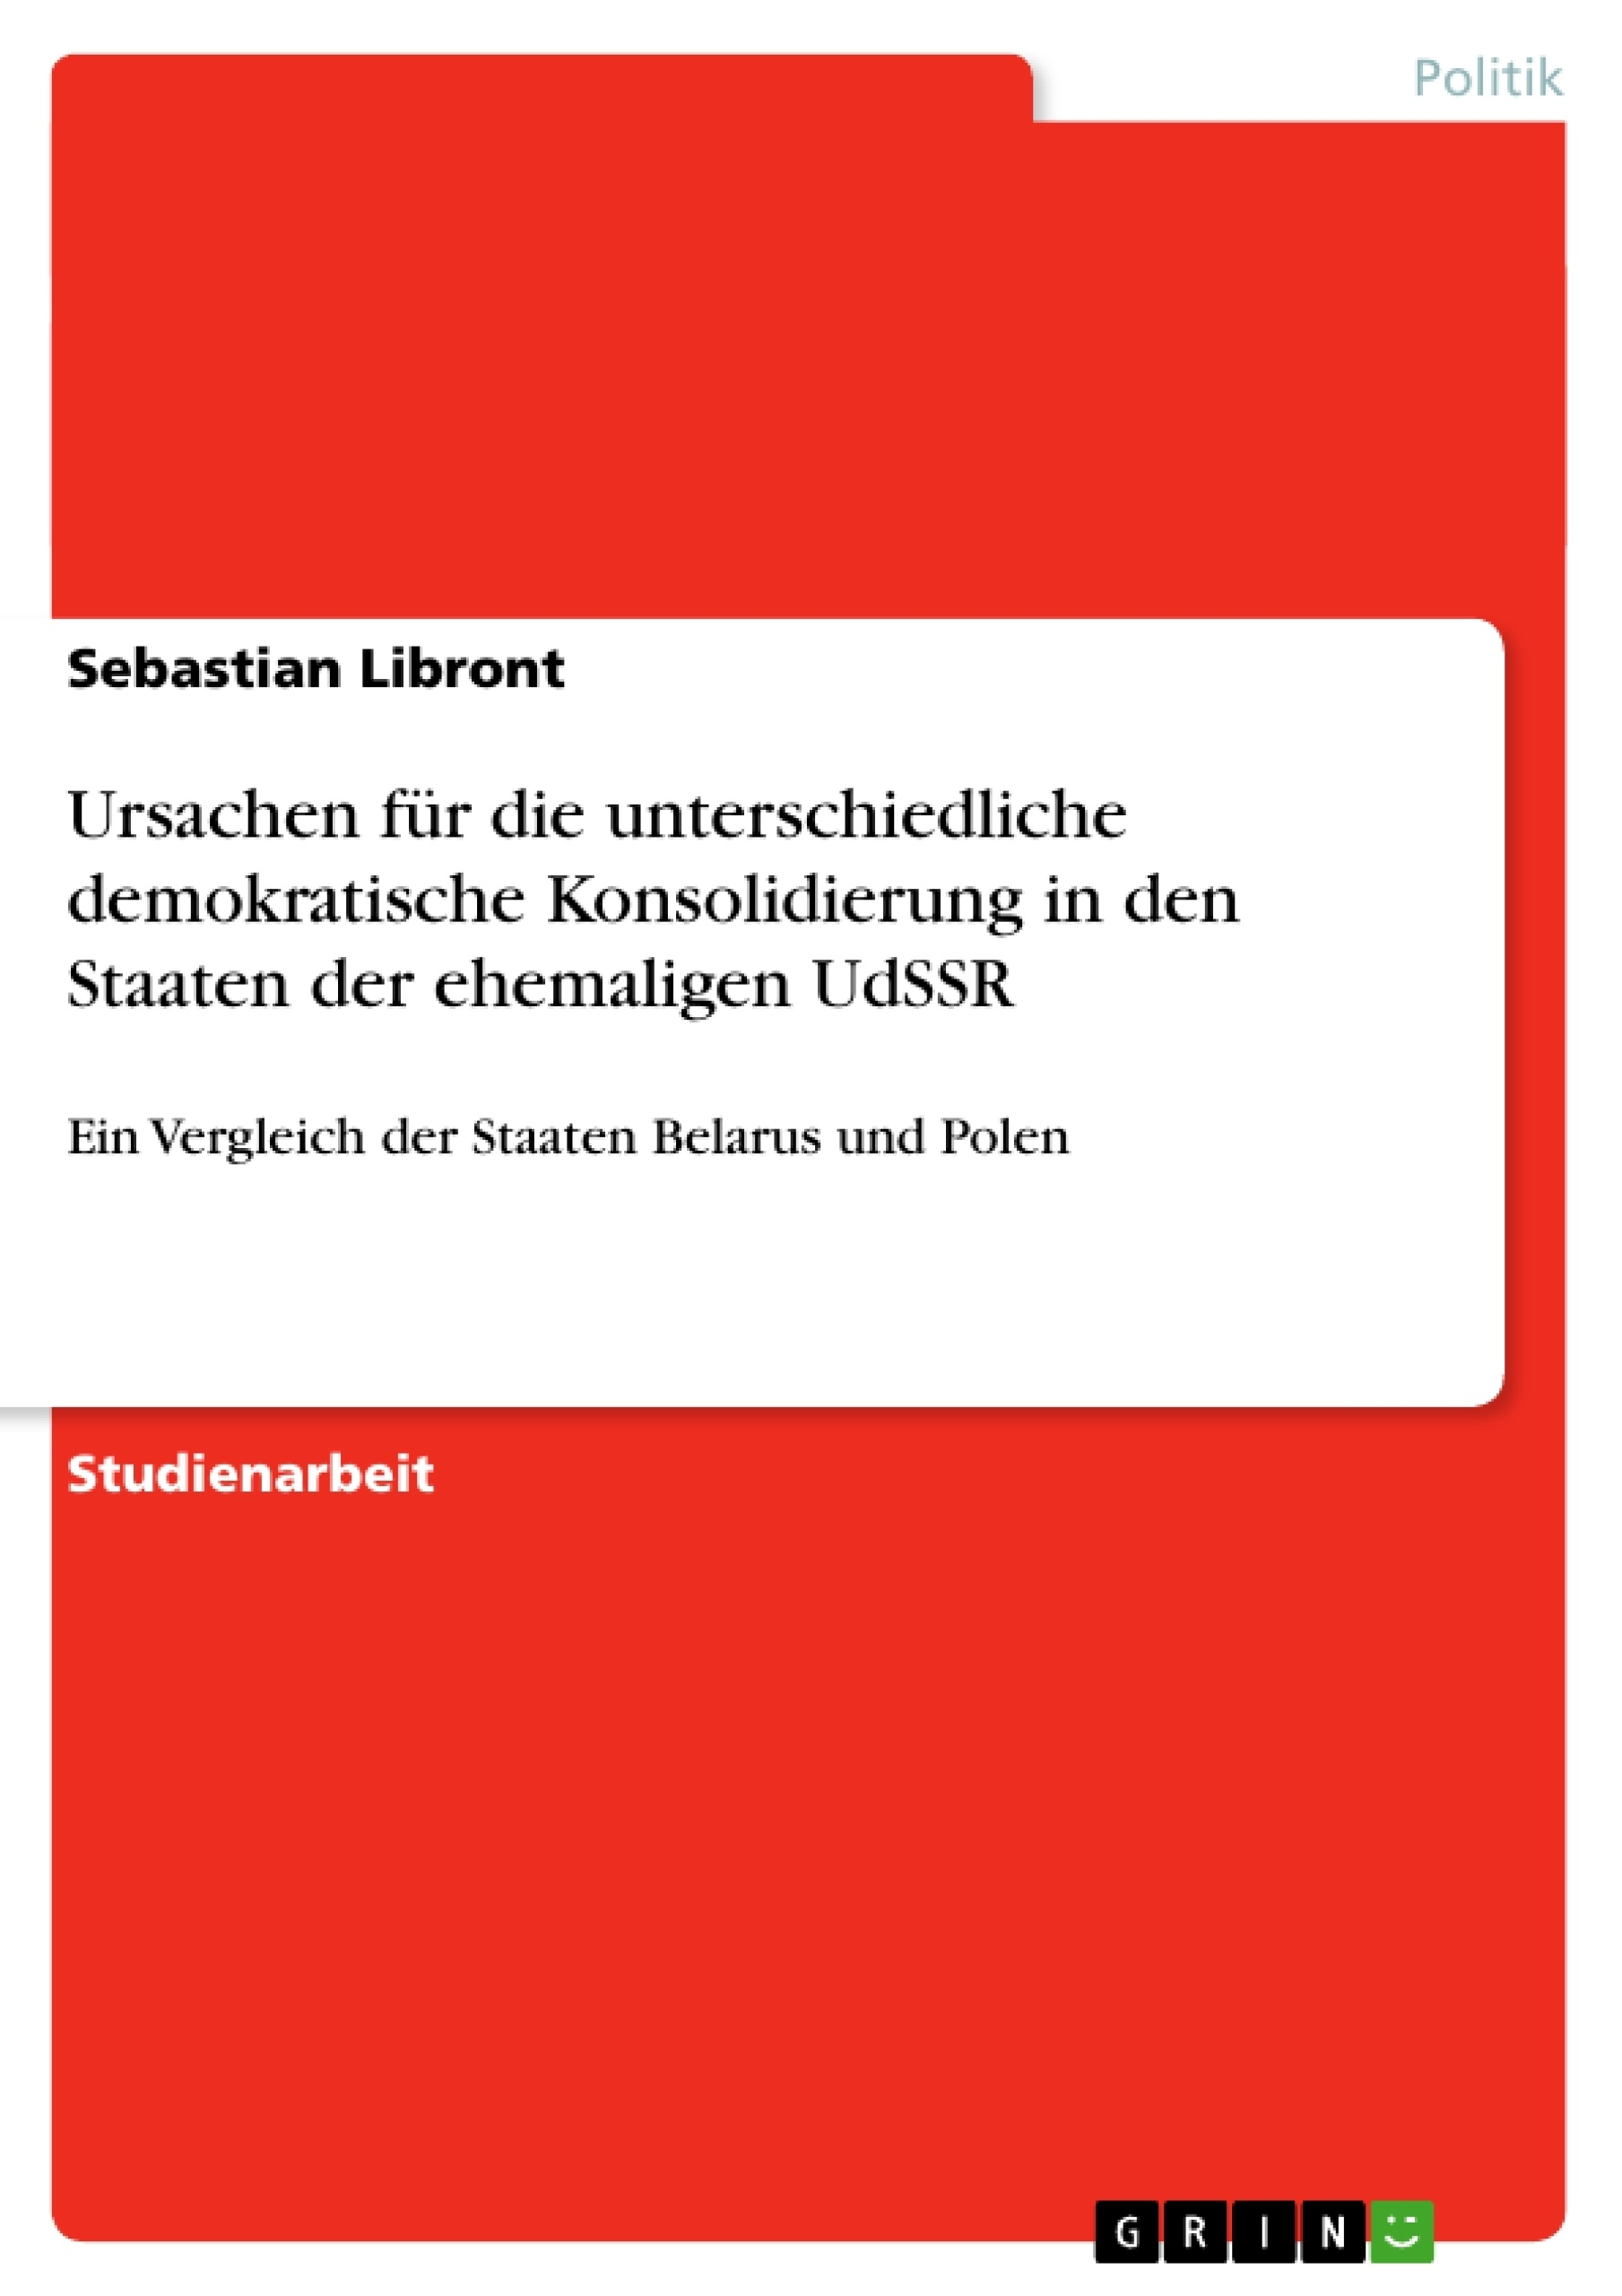 Titel: Ursachen für die unterschiedliche demokratische Konsolidierung in den Staaten der ehemaligen UdSSR